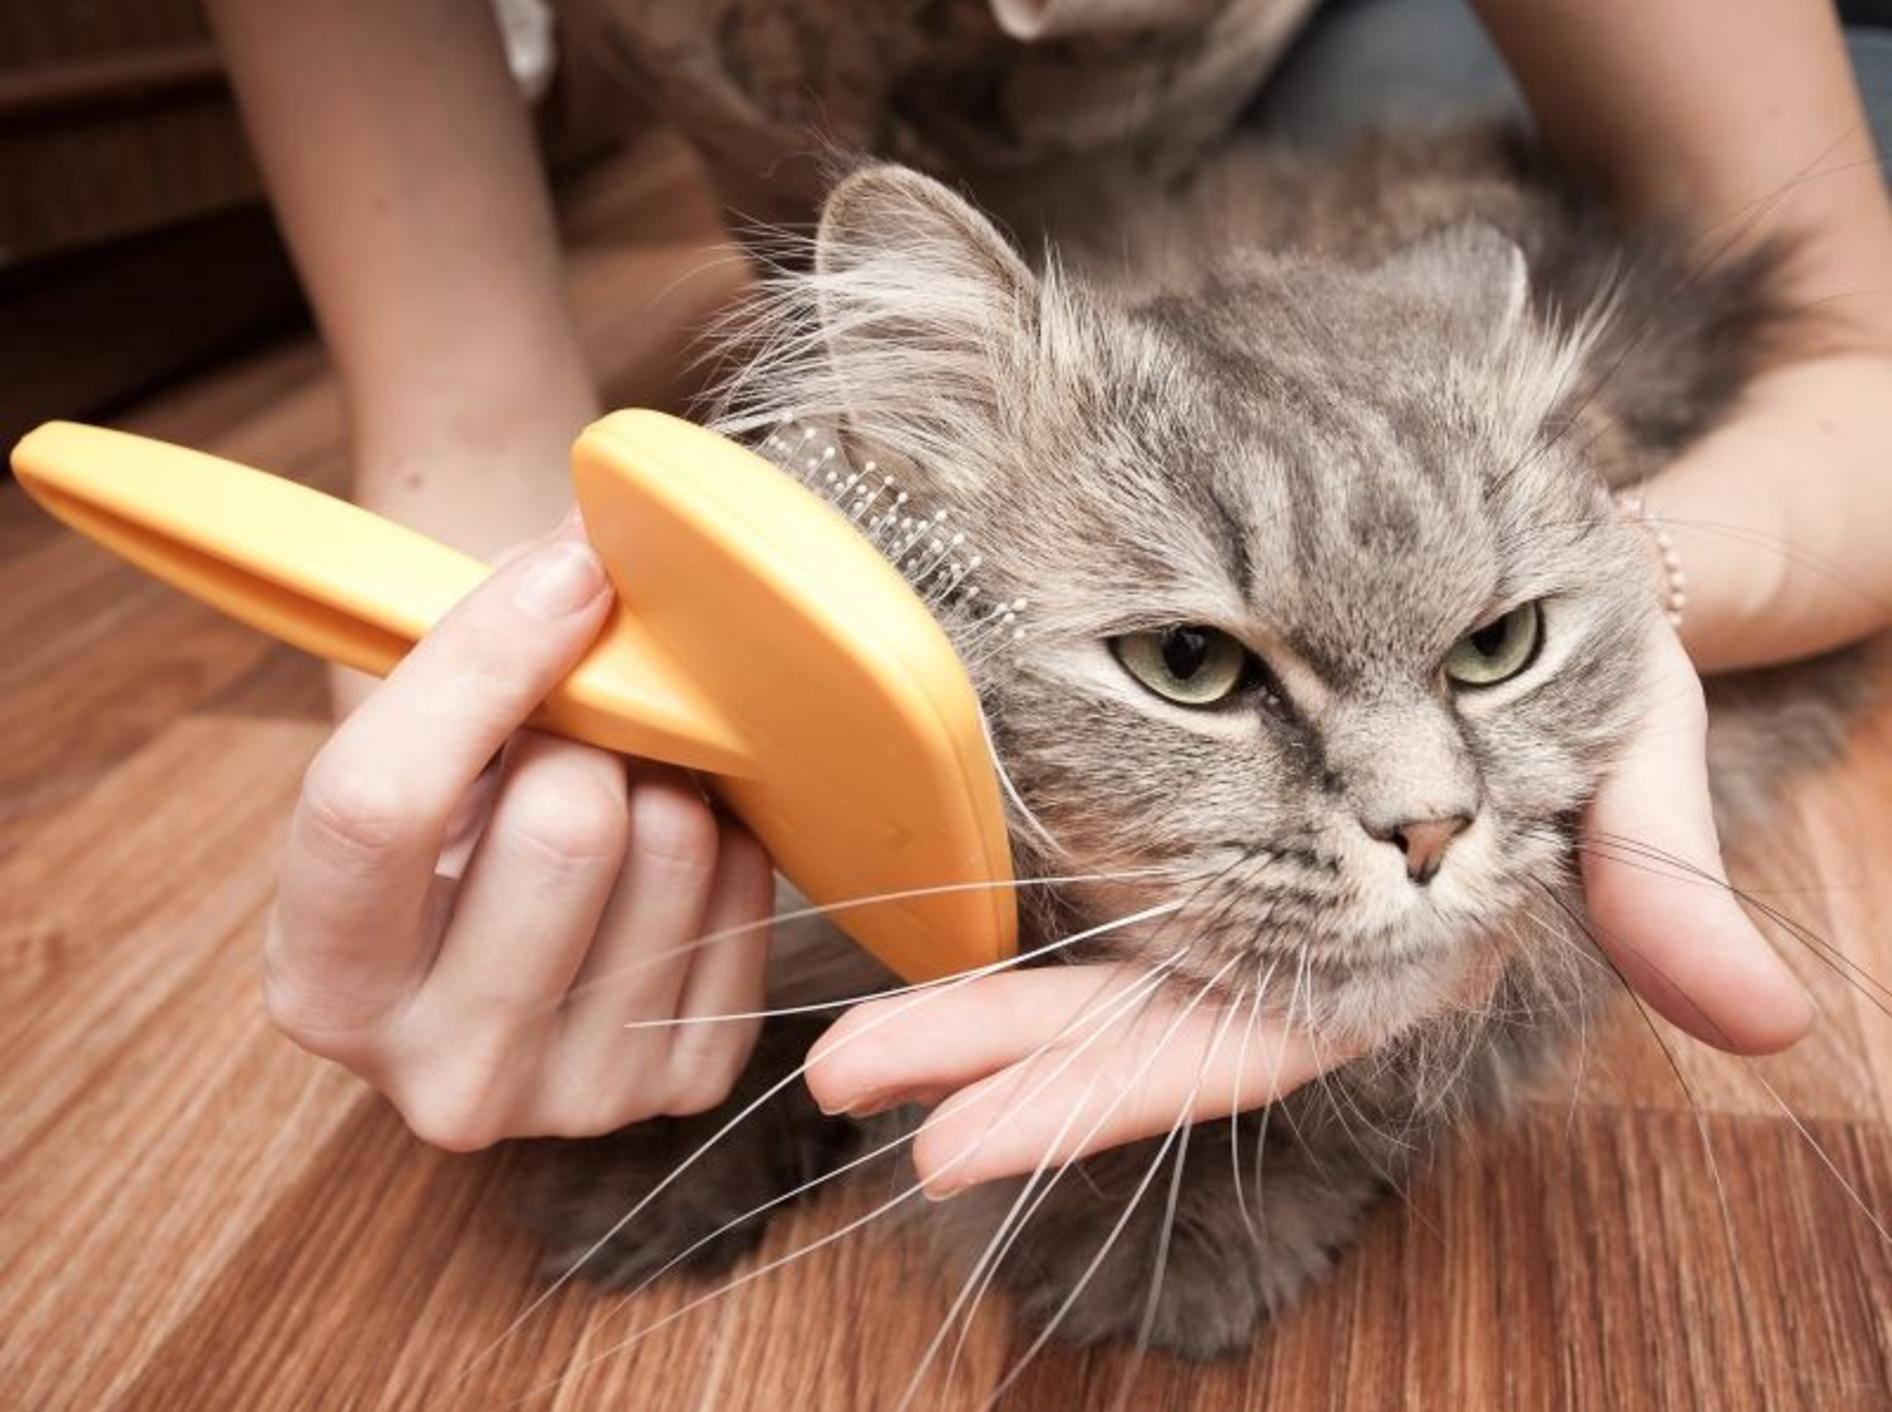 Kontrollieren Sie das Fell Ihrer Katze regelmäßig auf Parasiten wie Milben – Bild: Shutterstock / Telekhovskyi